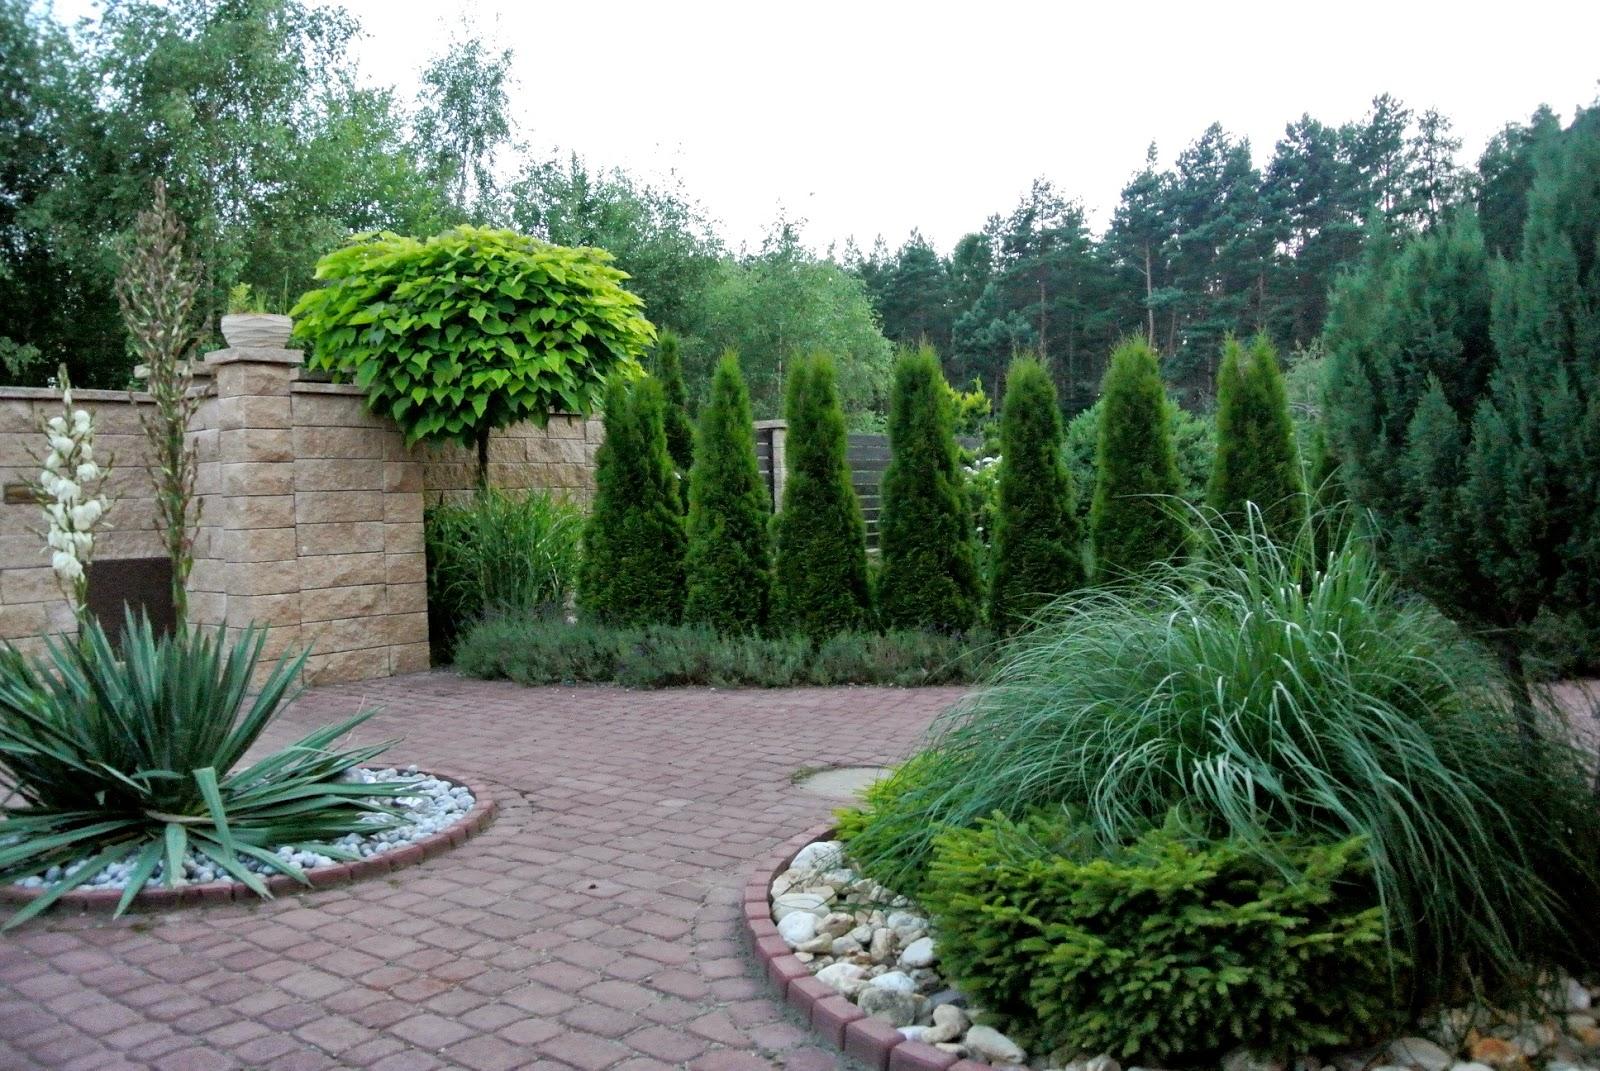 catalpa,ogród,garden,szpaler tuji,lawenda w ogrodzie,łany lawendy,yucca,juka kwitnie,ładny mur,ogrodzenie systemowe